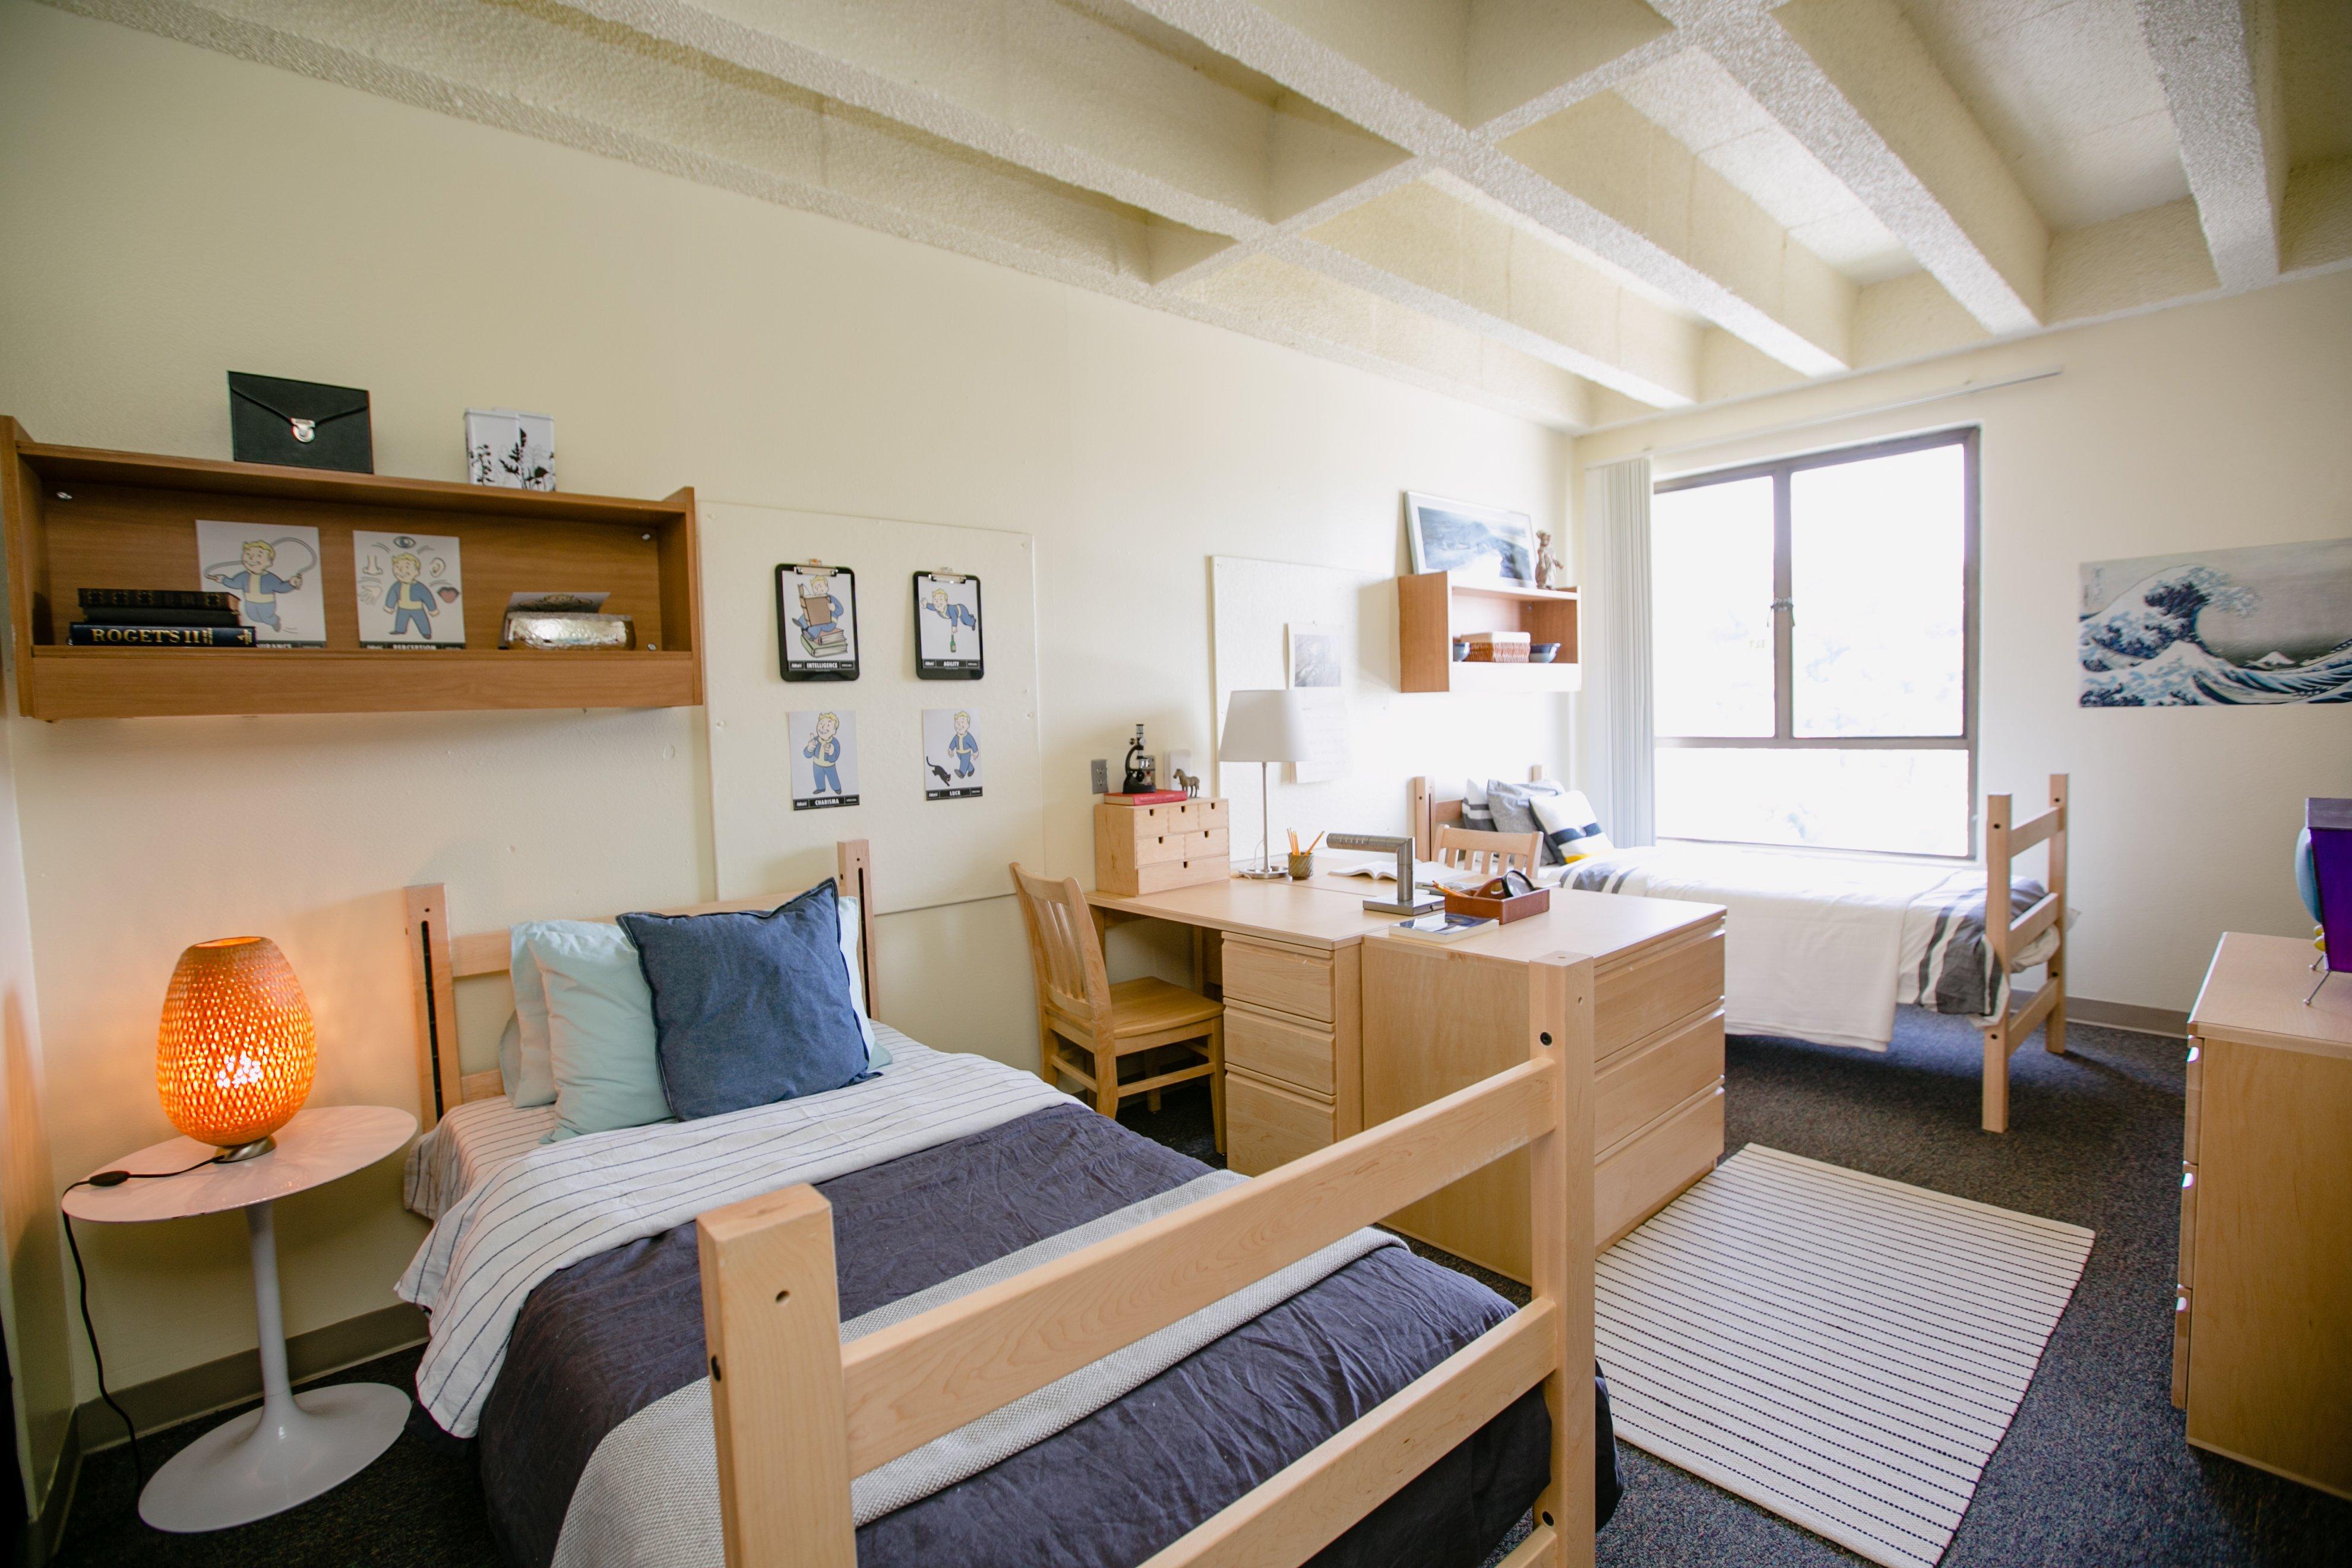 PSU_housing-072